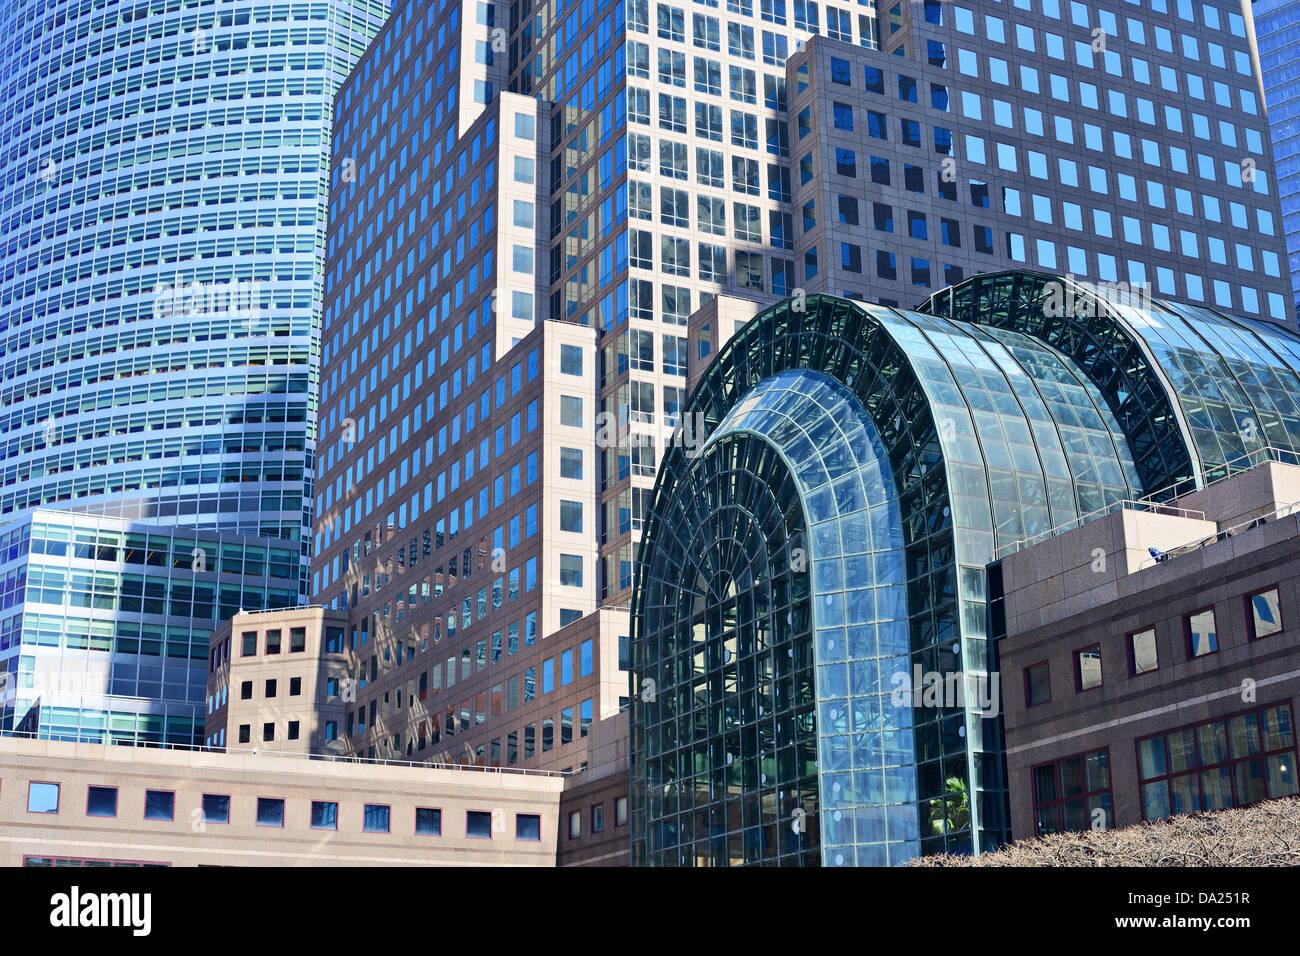 Nahaufnahme eines dichten modernen Bürogebäuden Stockbild